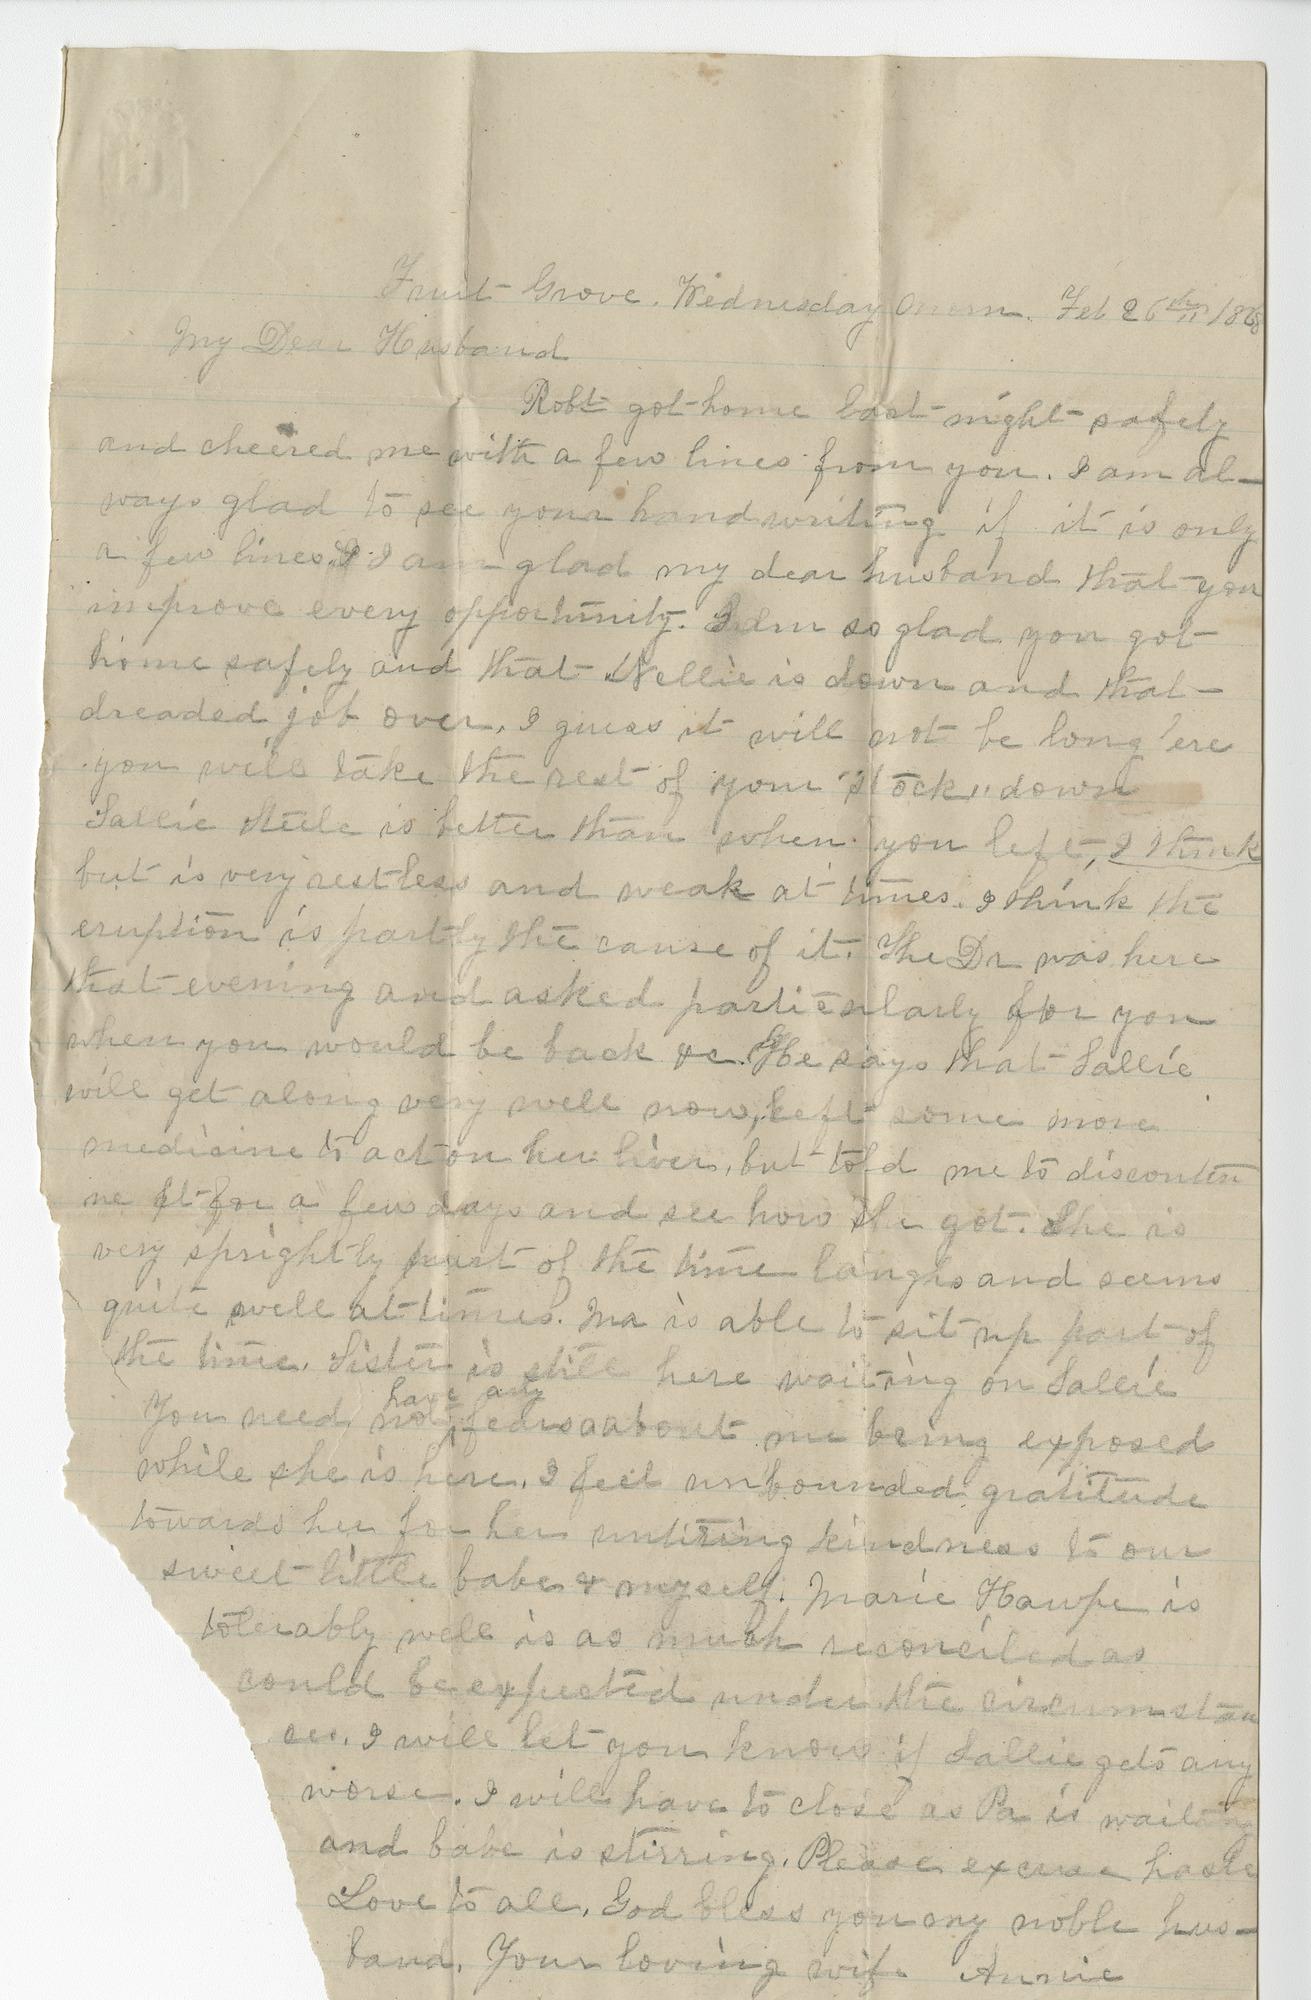 Ms2016-013_HeizerJames_Letter_1868_0226a.jpg